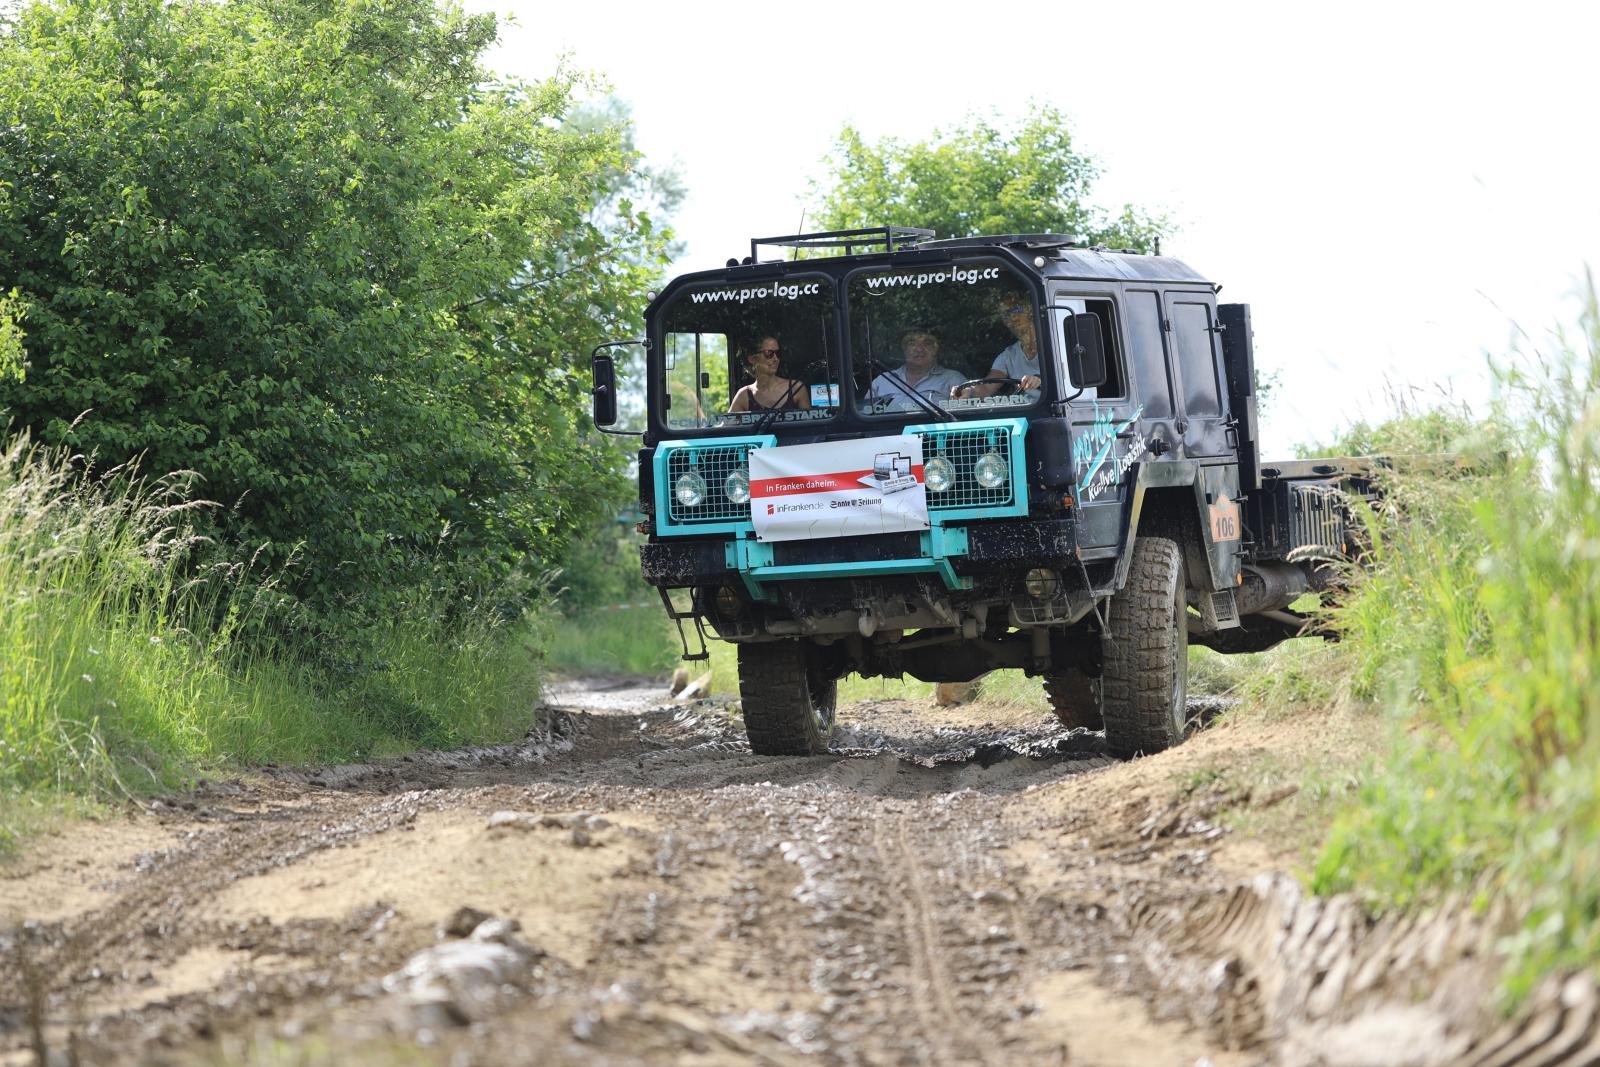 Abenteuer & Allrad 2019 - Aktiv dabei! Selberfahren mit dem Offroad-Truck.